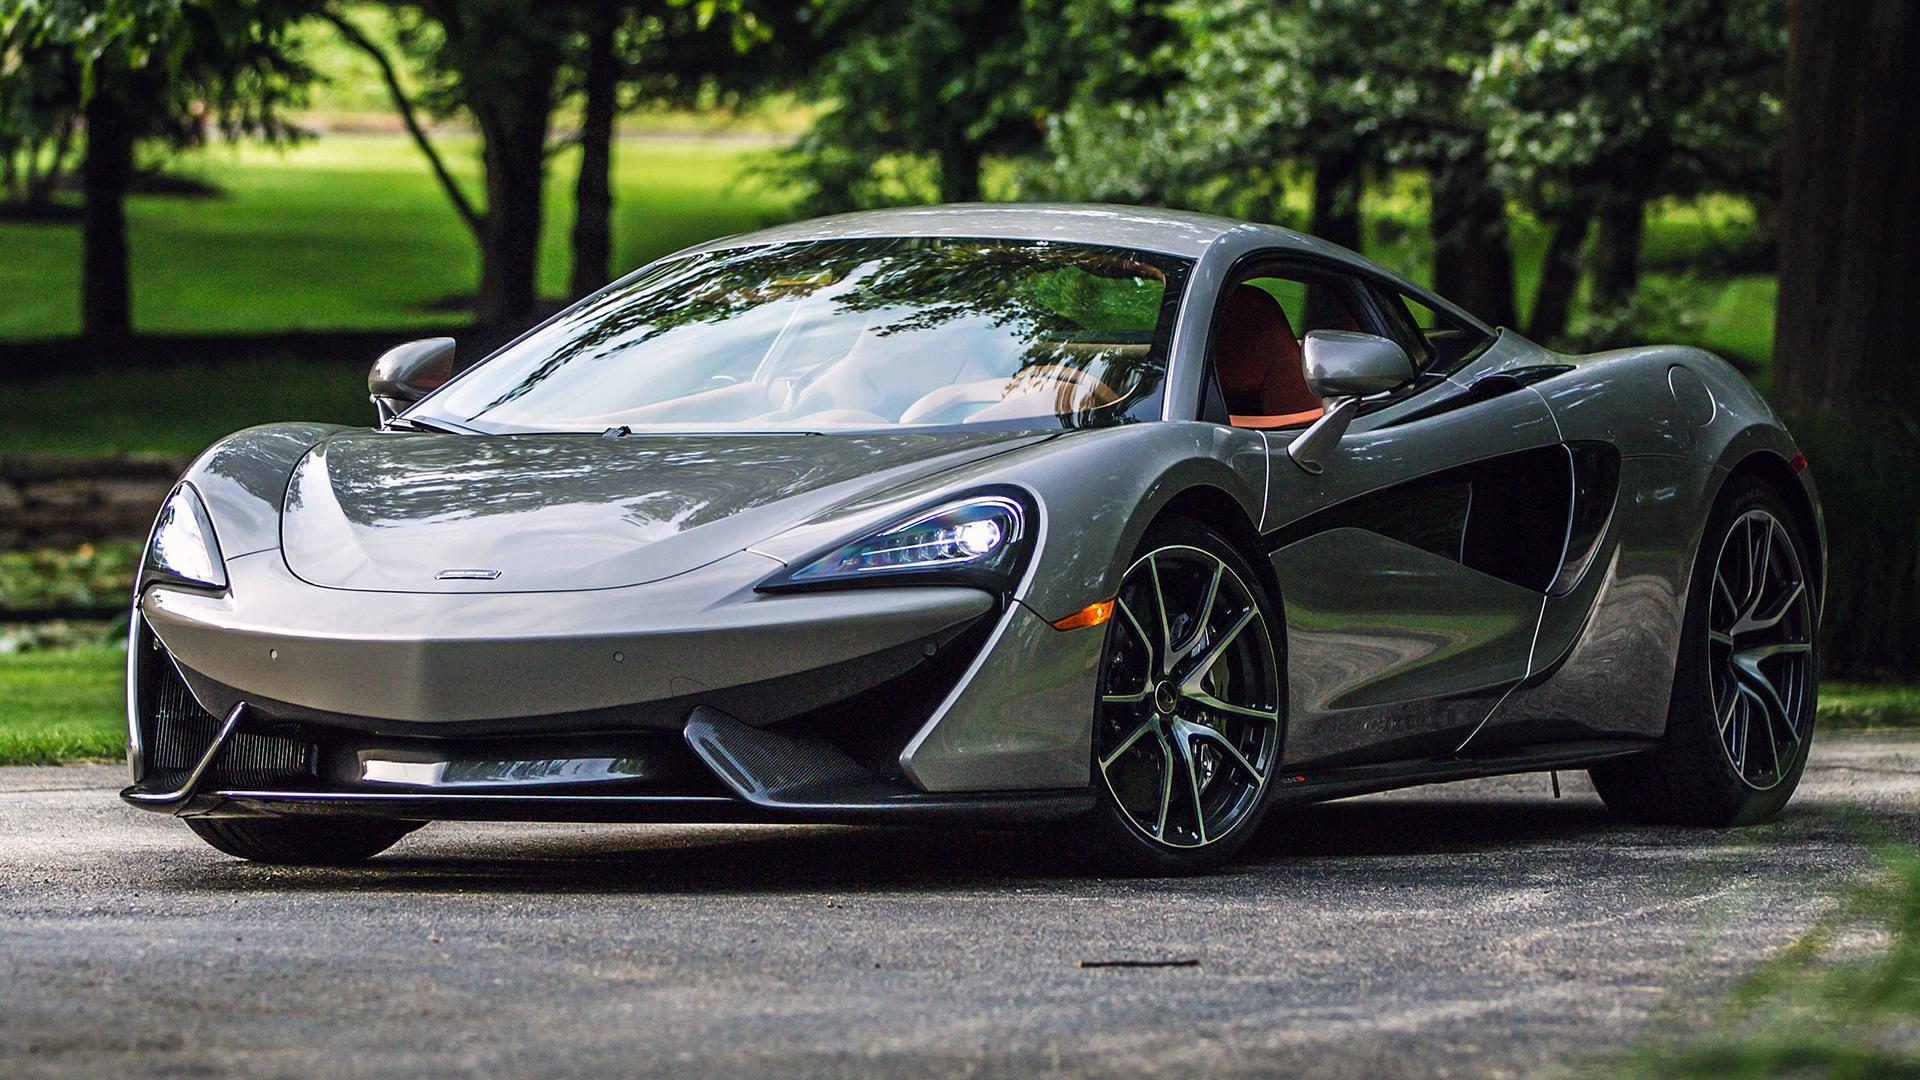 2016 McLaren 570S HD Wallpaper Background Image 1920x1080 ID 1920x1080